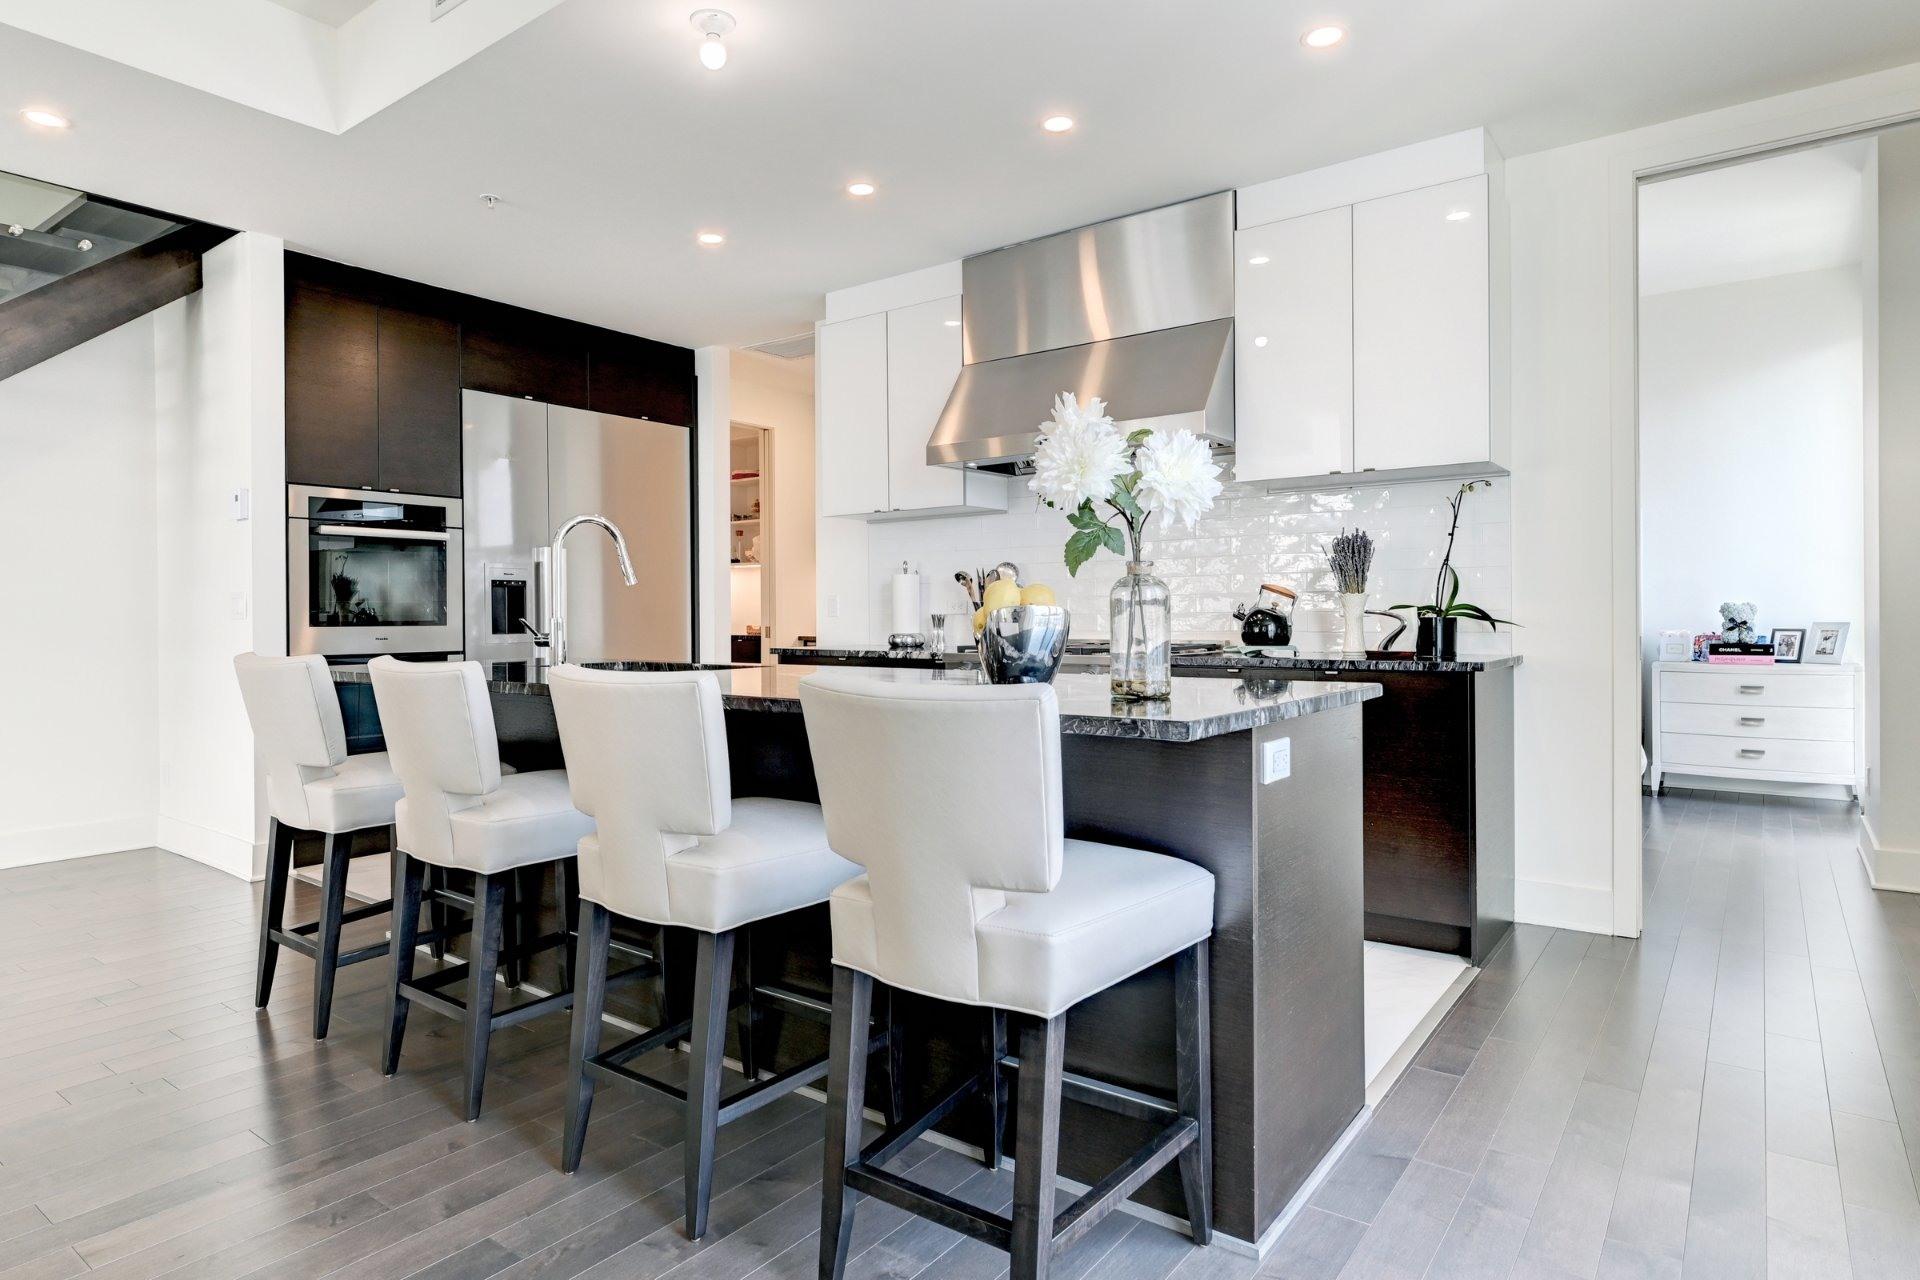 image 18 - Appartement À vendre Côte-des-Neiges/Notre-Dame-de-Grâce Montréal  - 16 pièces